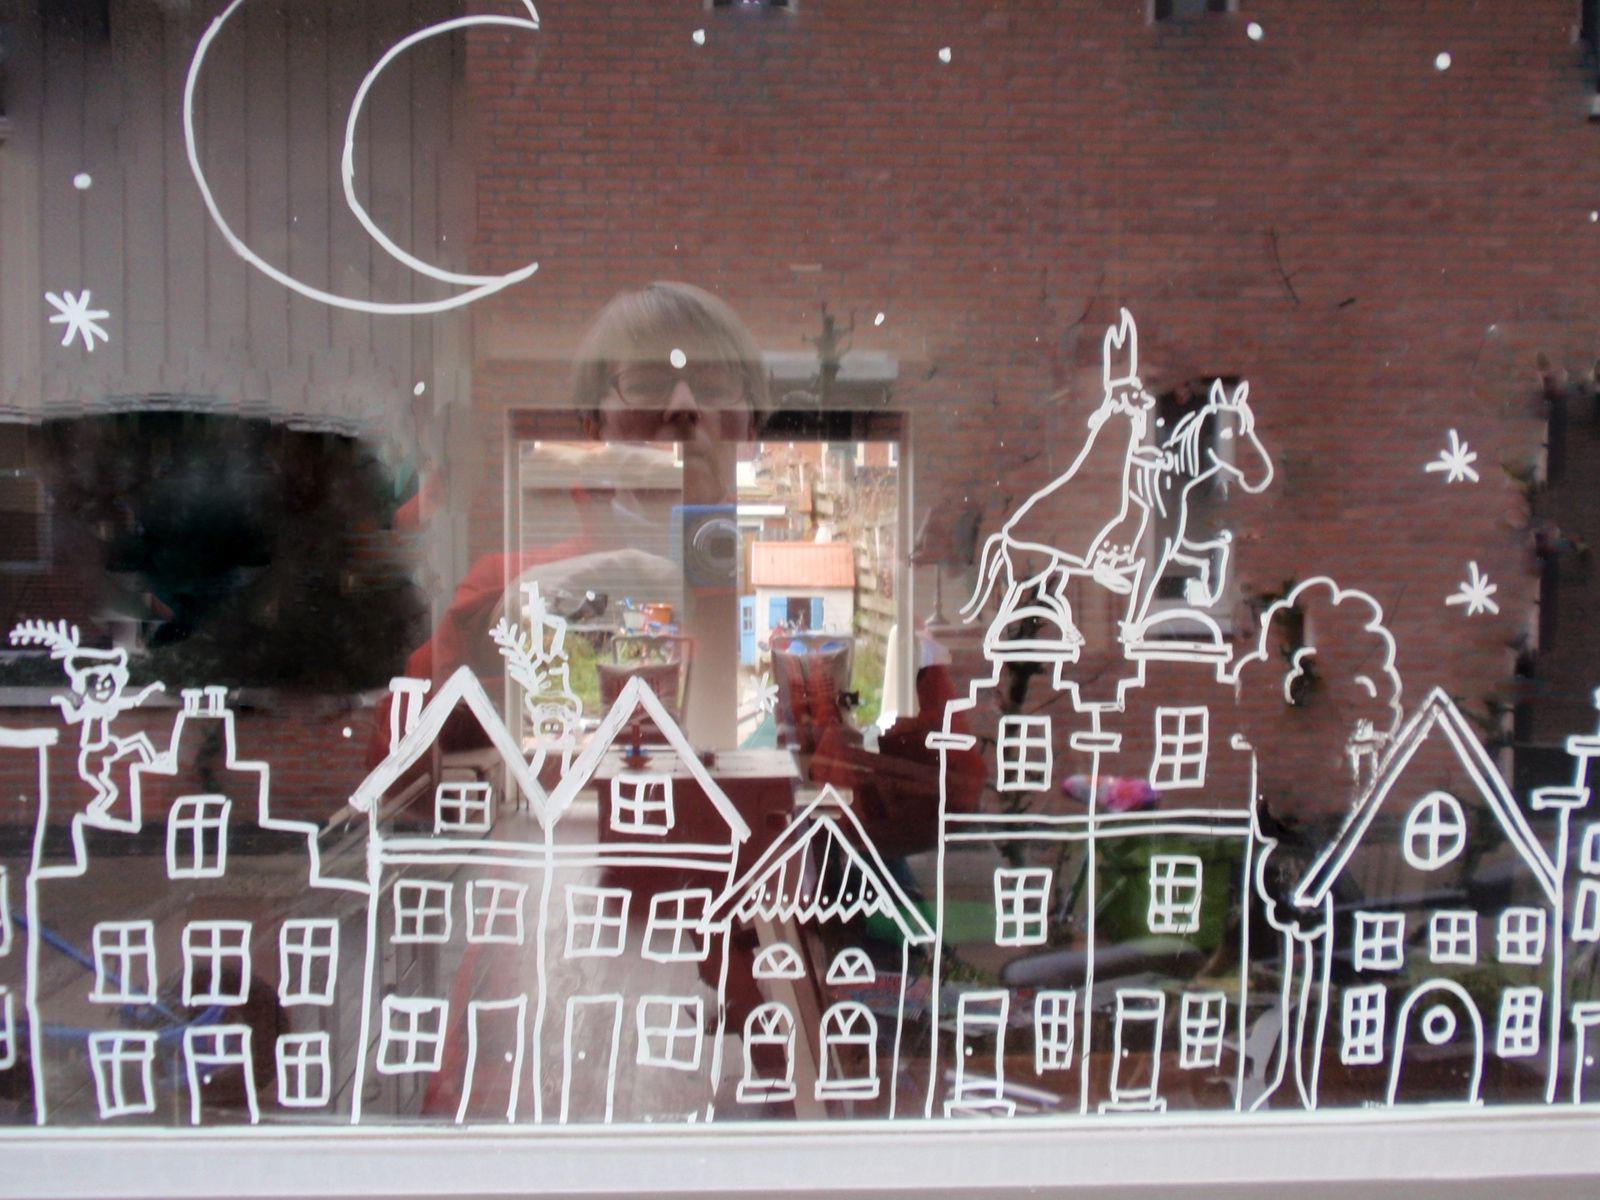 Alles vanellis krijtstift voor op het raam krijtstift decoratie pinterest krijtstift - Decoratie eenvoudig voor het leven ...